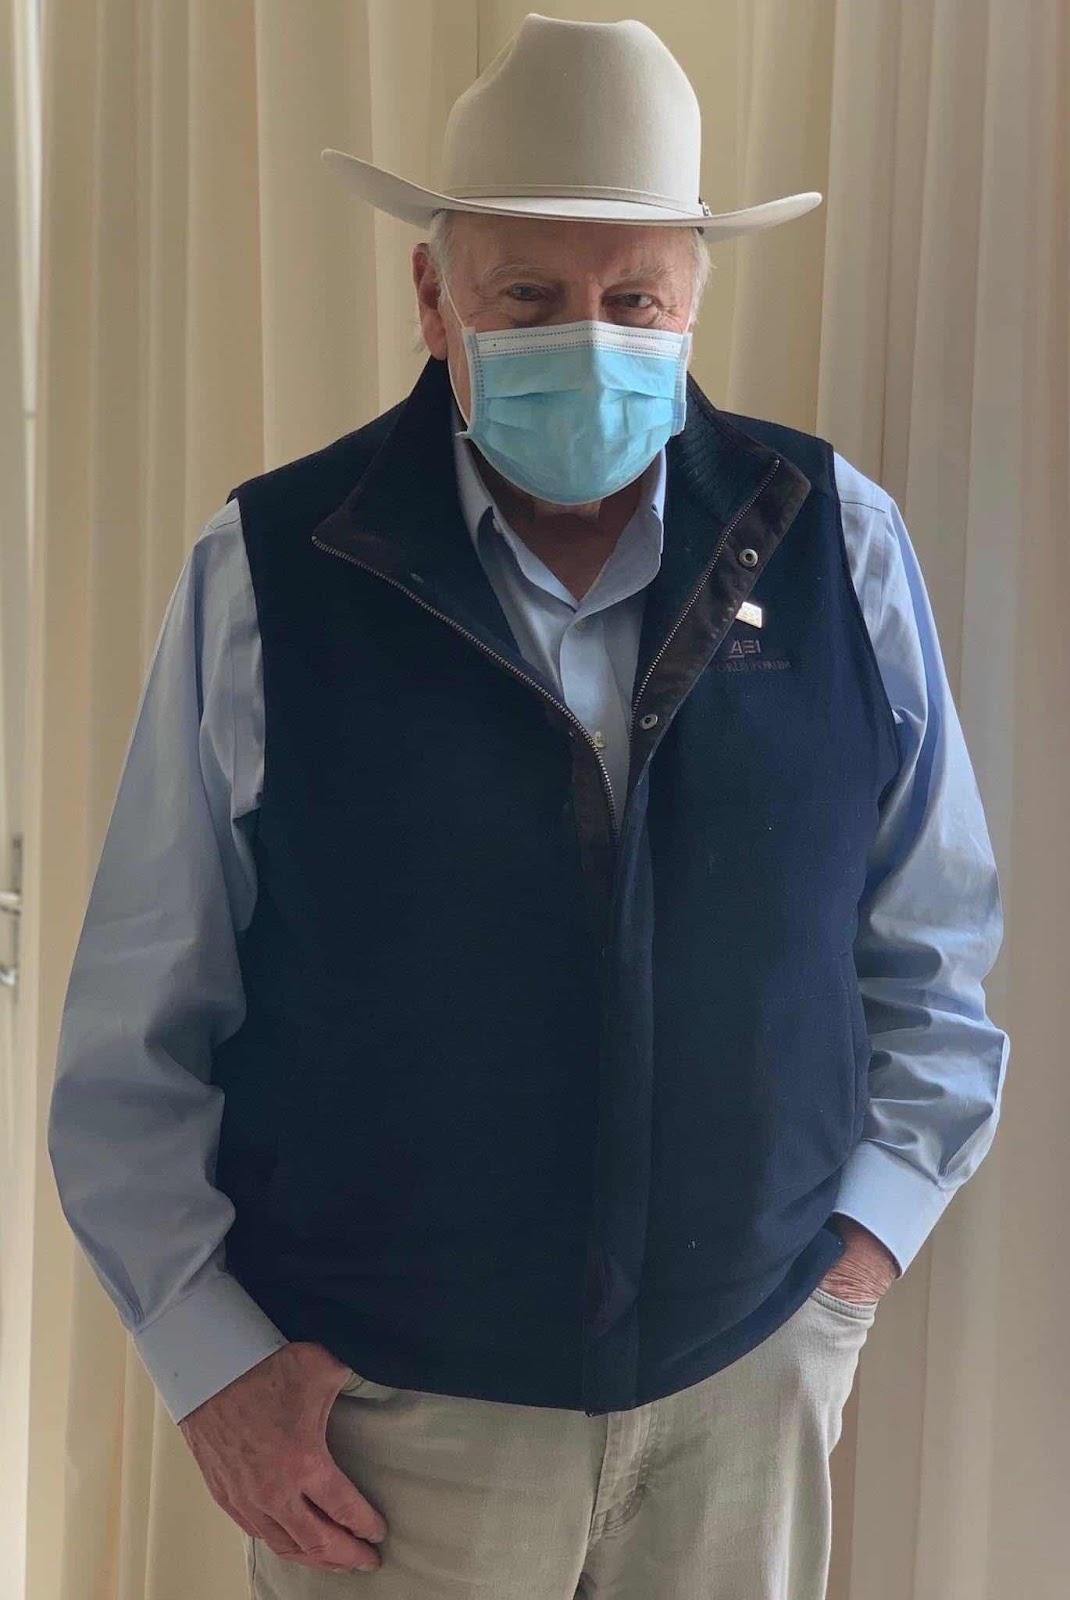 """Cựu Phó TT Dick Cheney được coi là một người rất bảo thủ và truyền thống. Là đối tượng của phương châm trong thời đại coronavirus: """"người đàn ông thực thụ phải mang khẩu trang"""" (real men wear masks). Đội nón cao bồi, chỉ còn thiếu khẩu súng lục đeo xệ xệ bên hông thôi."""